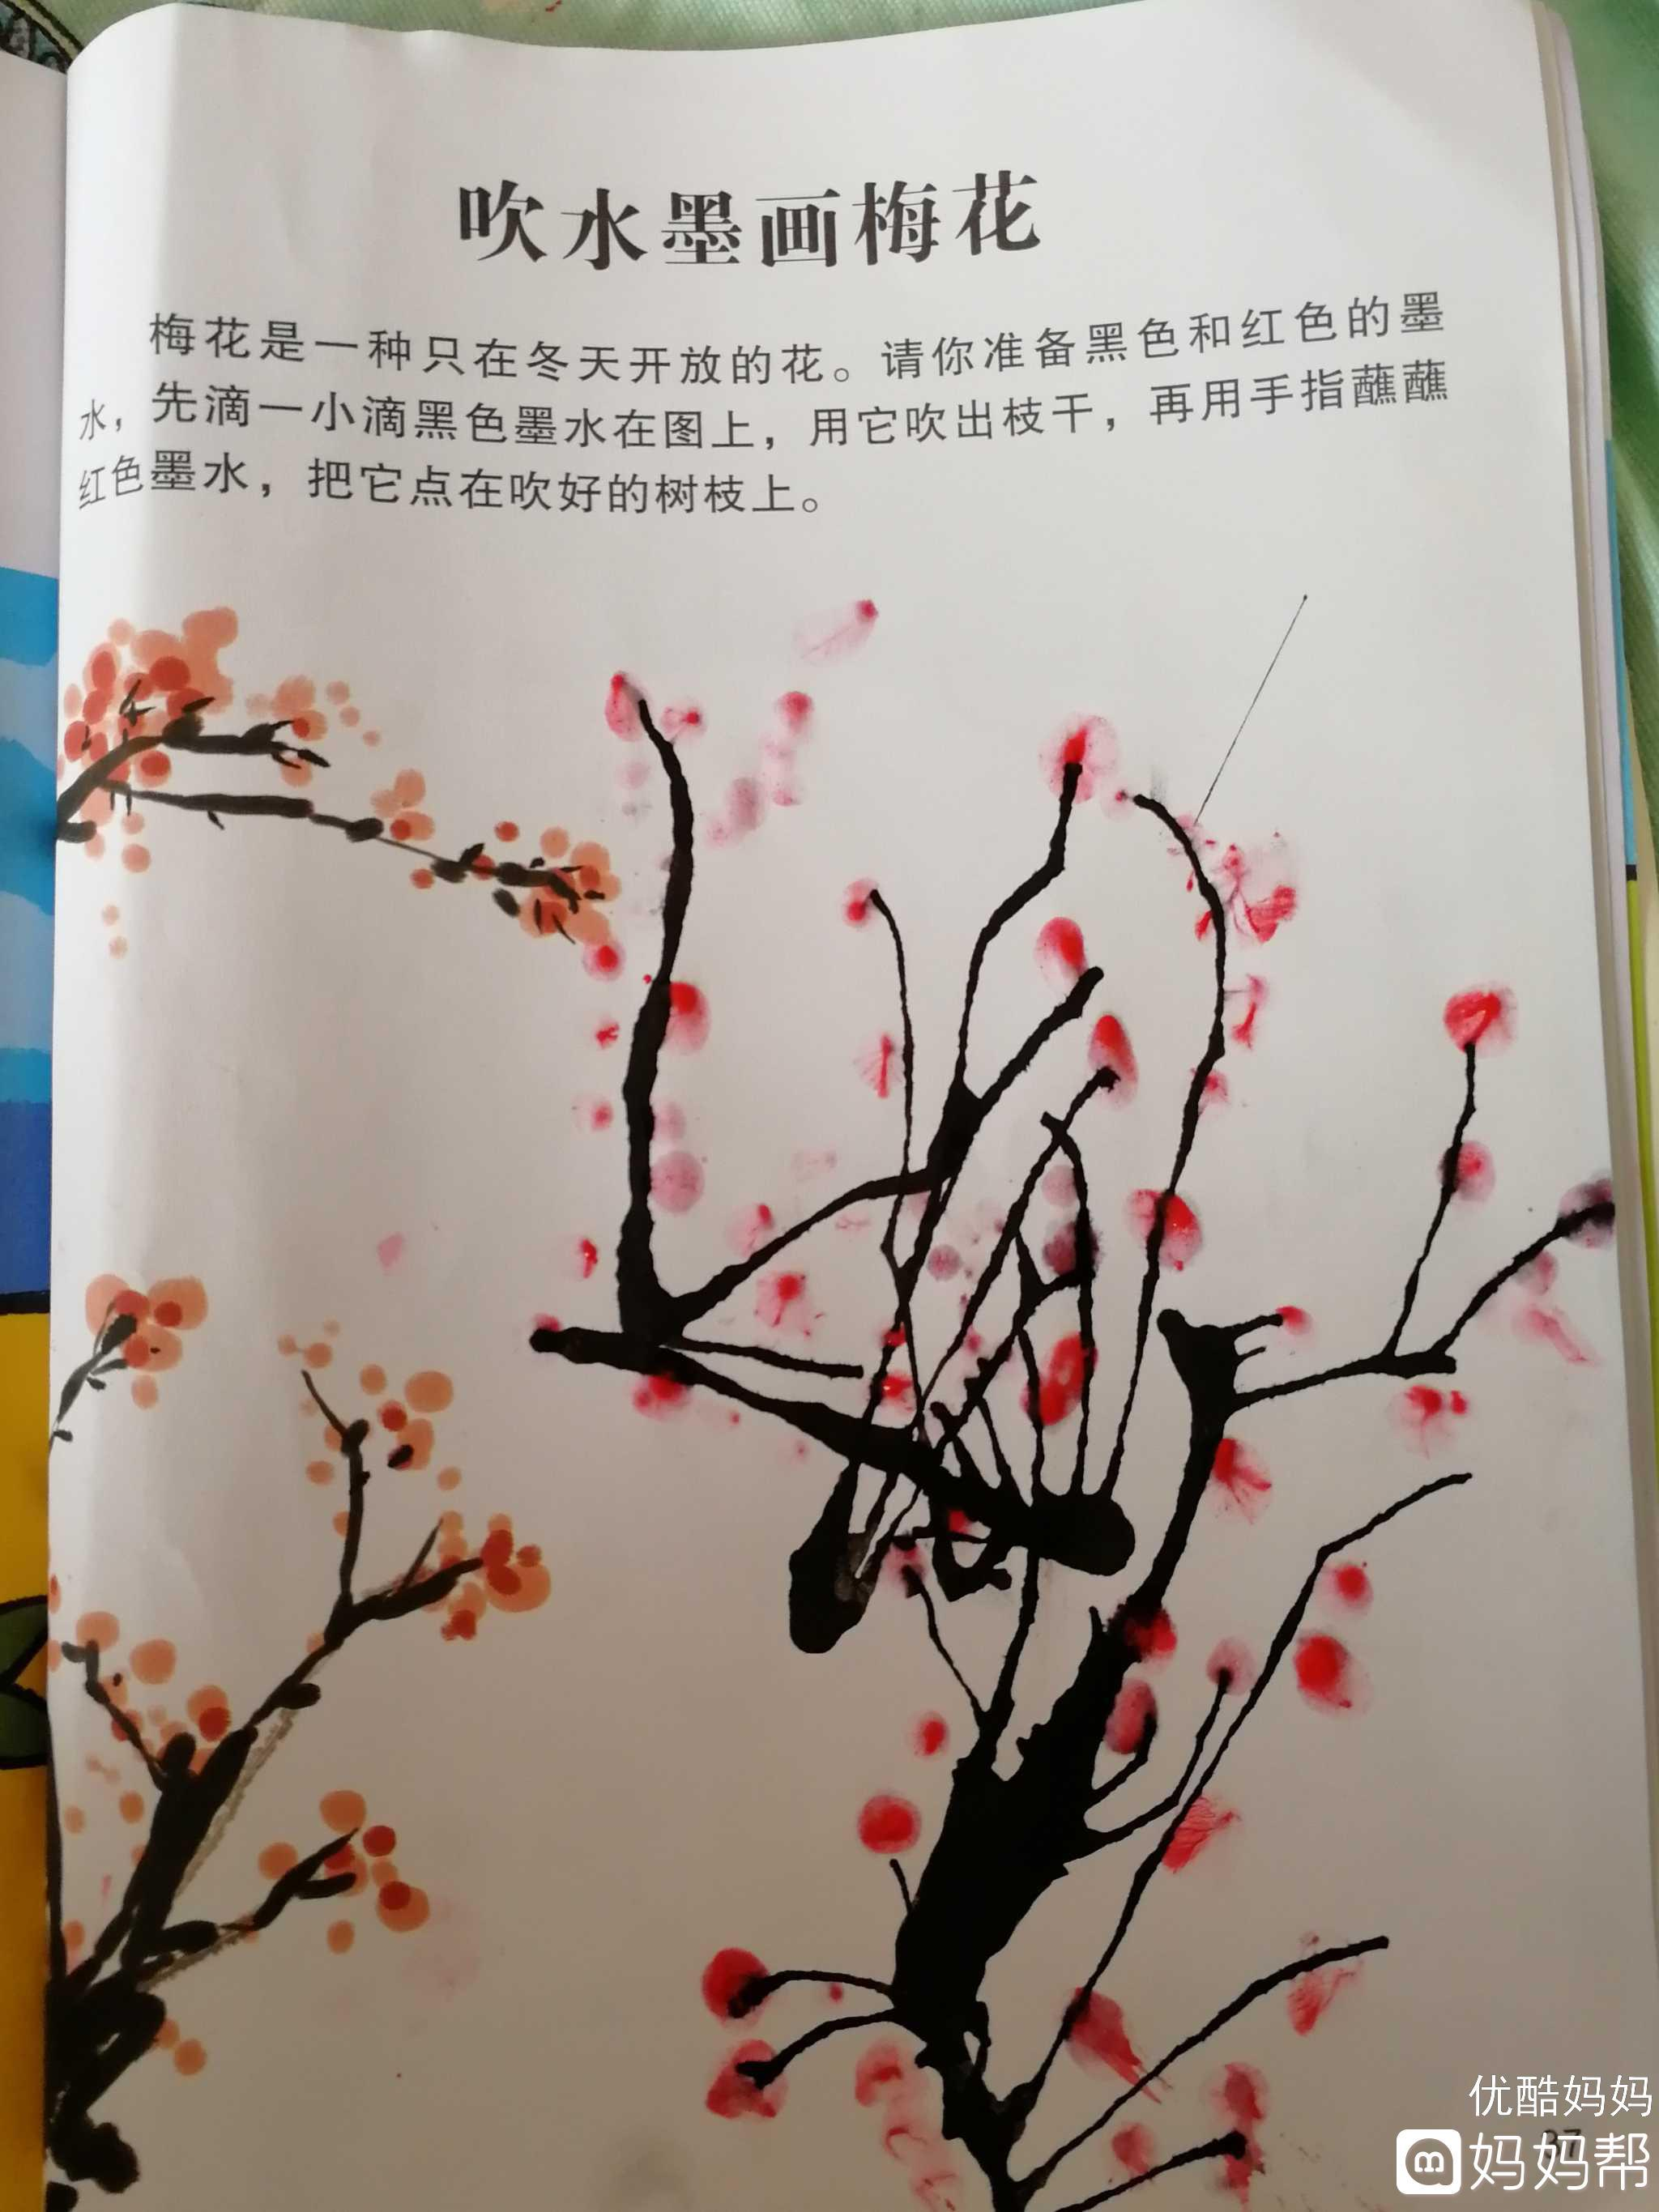 吹水墨画梅花 - 幼儿园的故事 - 妈妈帮